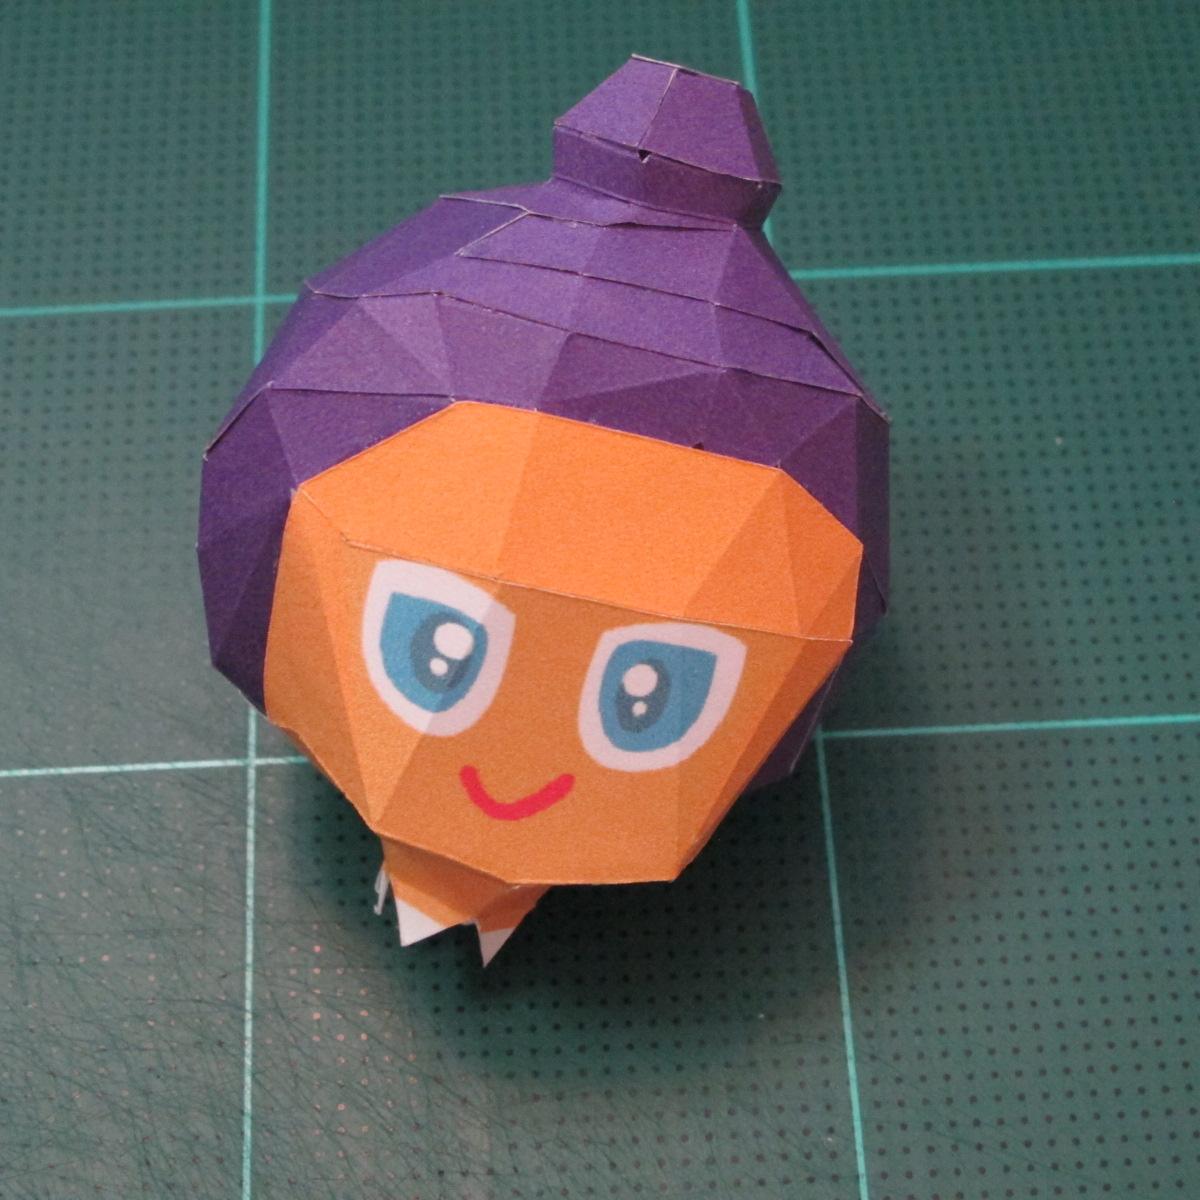 วิธีทำโมเดลกระดาษตุ้กตา คุกกี้รสราชินีสเก็ตลีลา จากเกมส์คุกกี้รัน (LINE Cookie Run Skating Queen Cookie Papercraft Model) 011